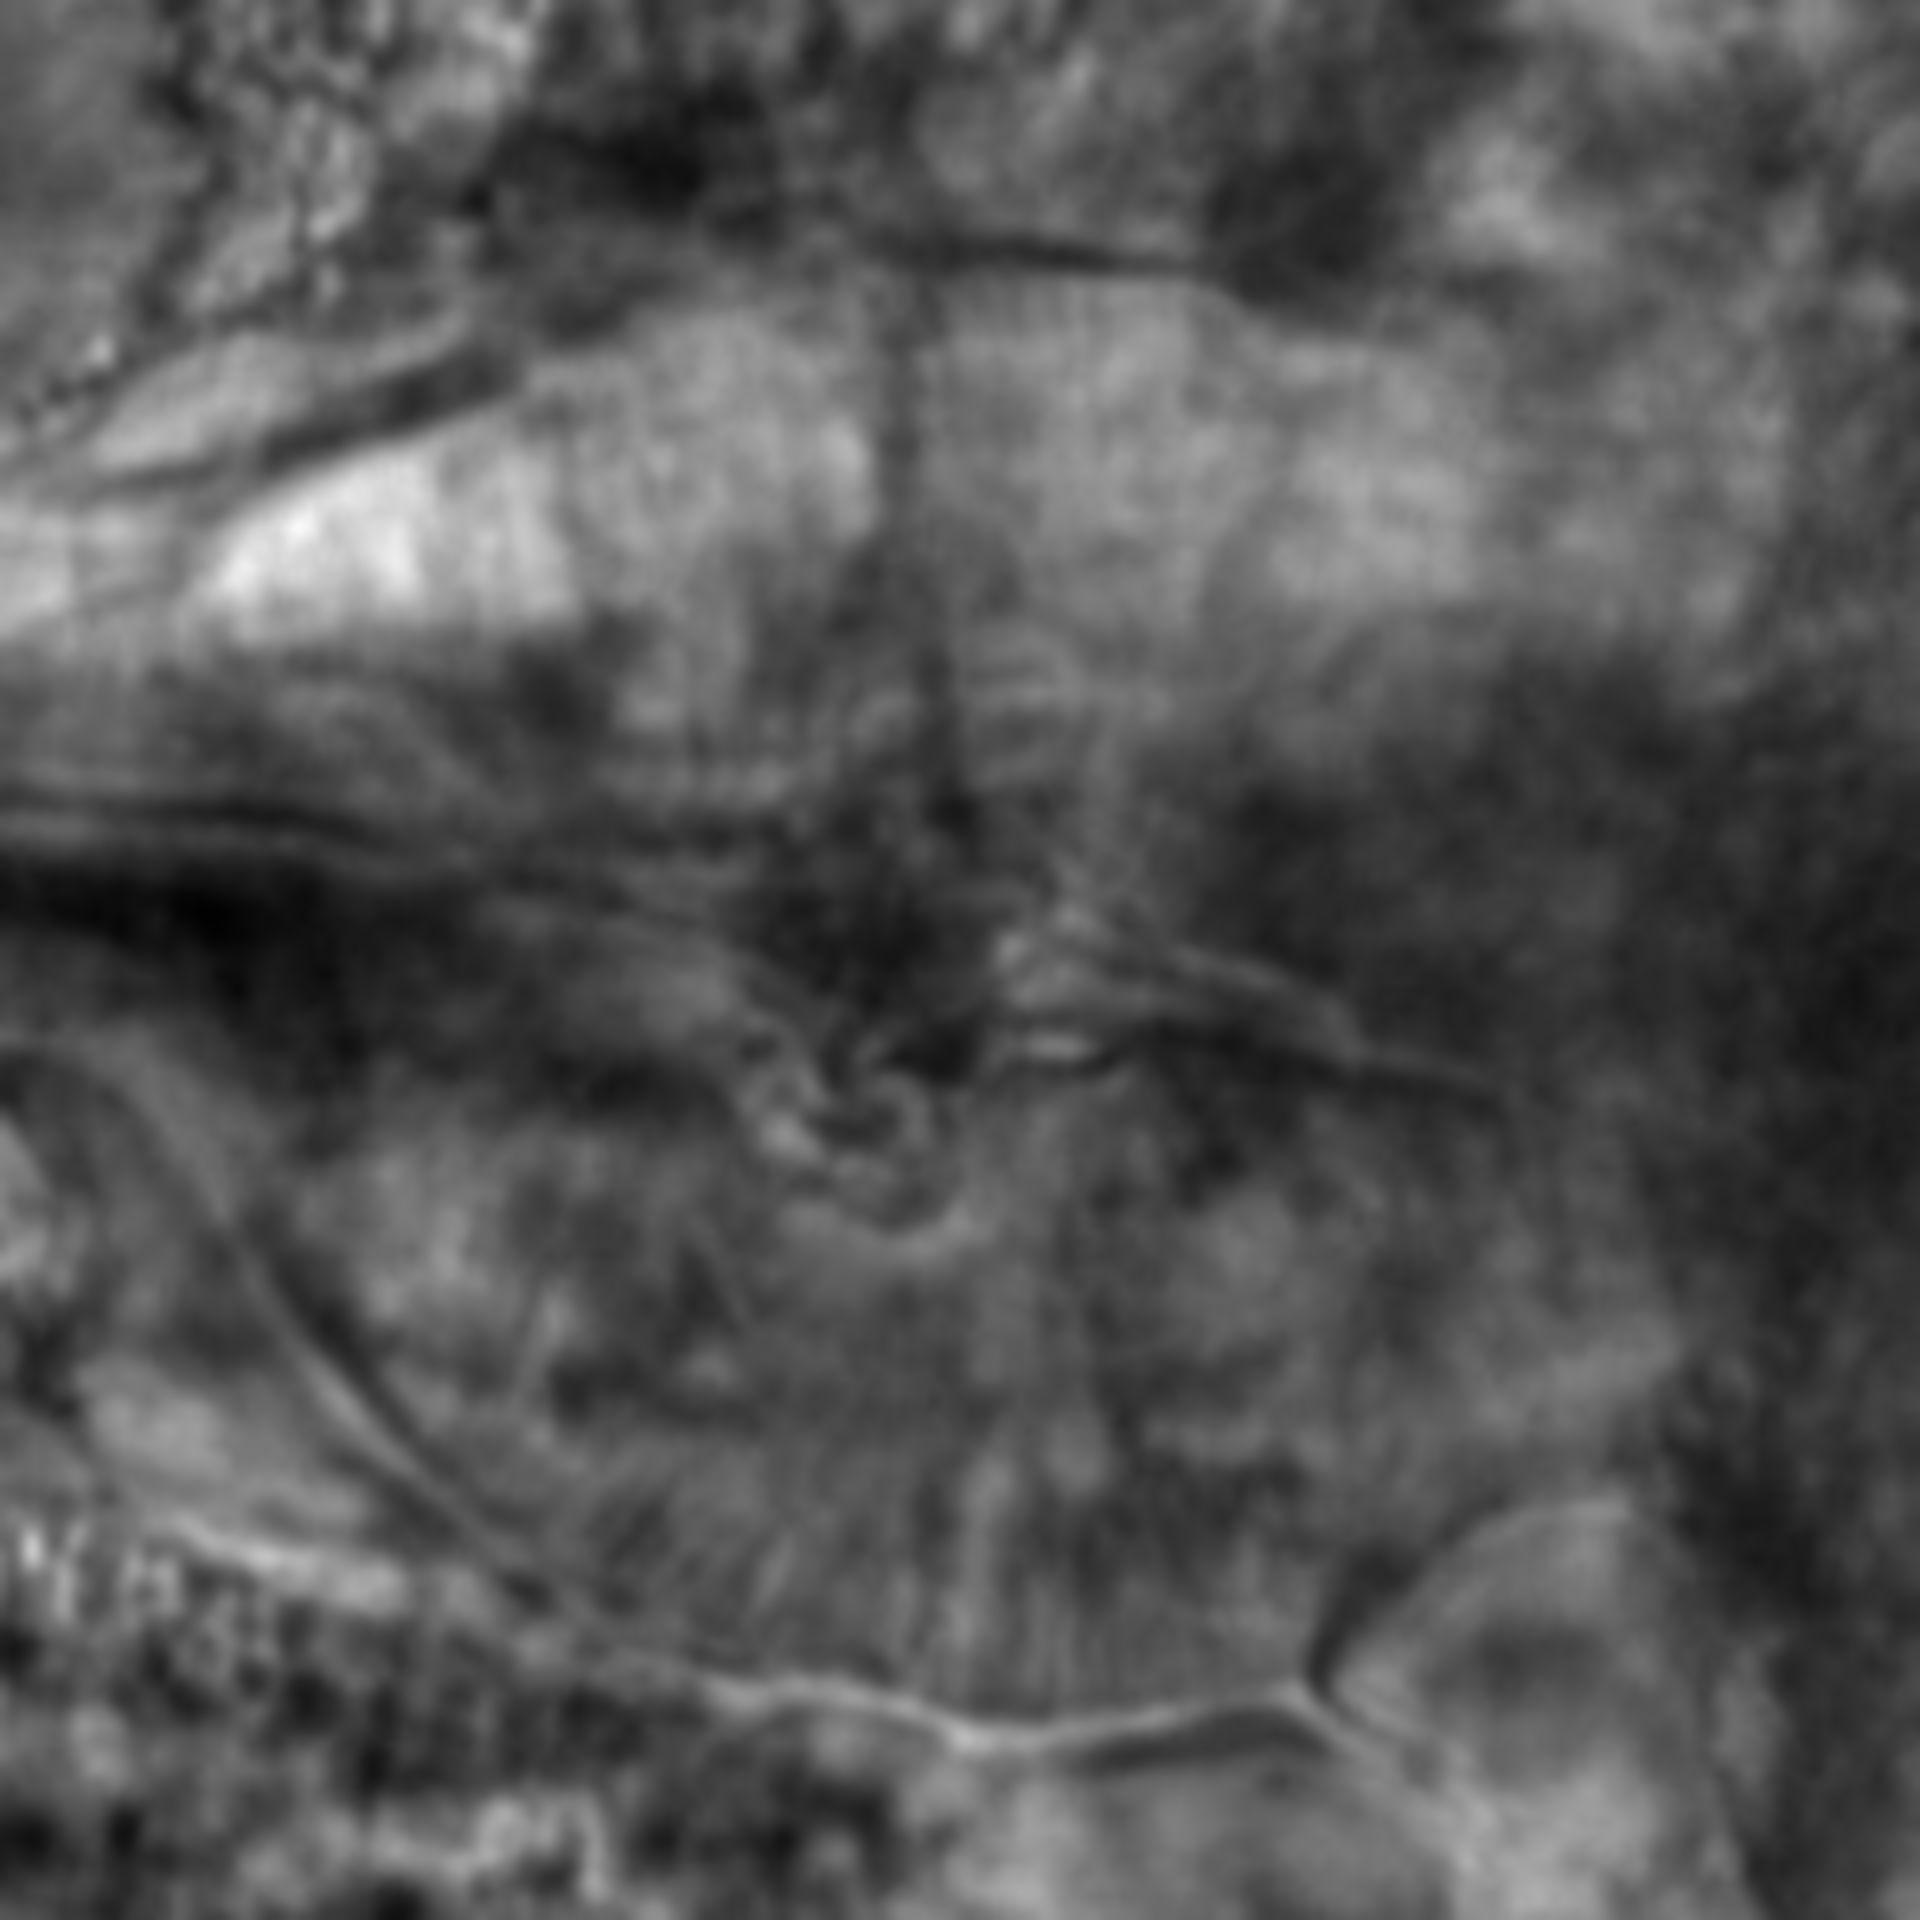 Caenorhabditis elegans - CIL:1920